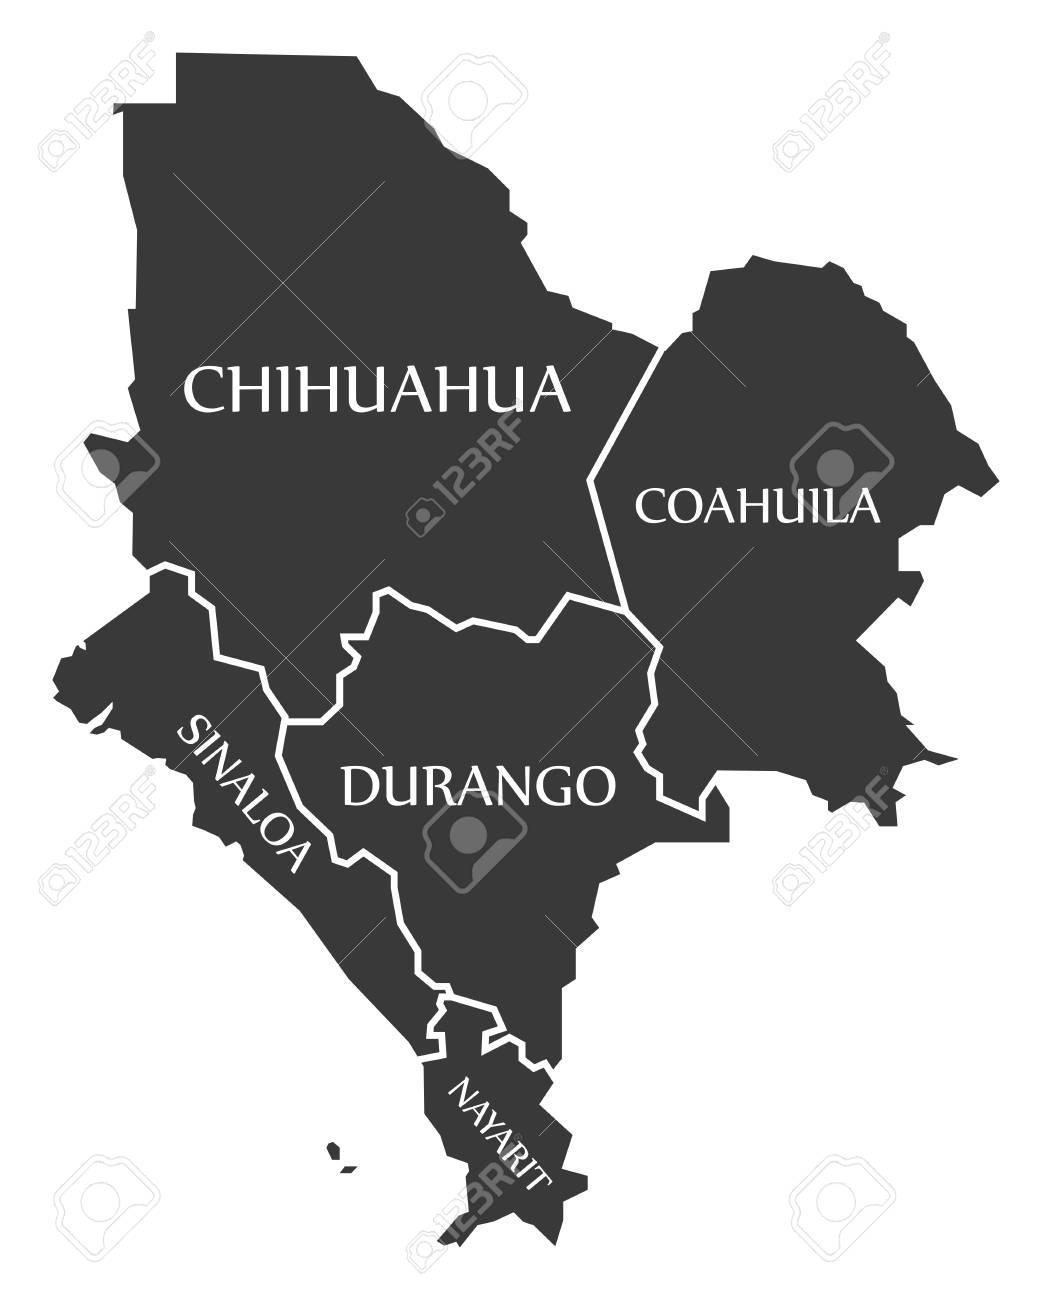 chihuahua coahuila sinaloa durango nayarit map mexico illustration stock vector